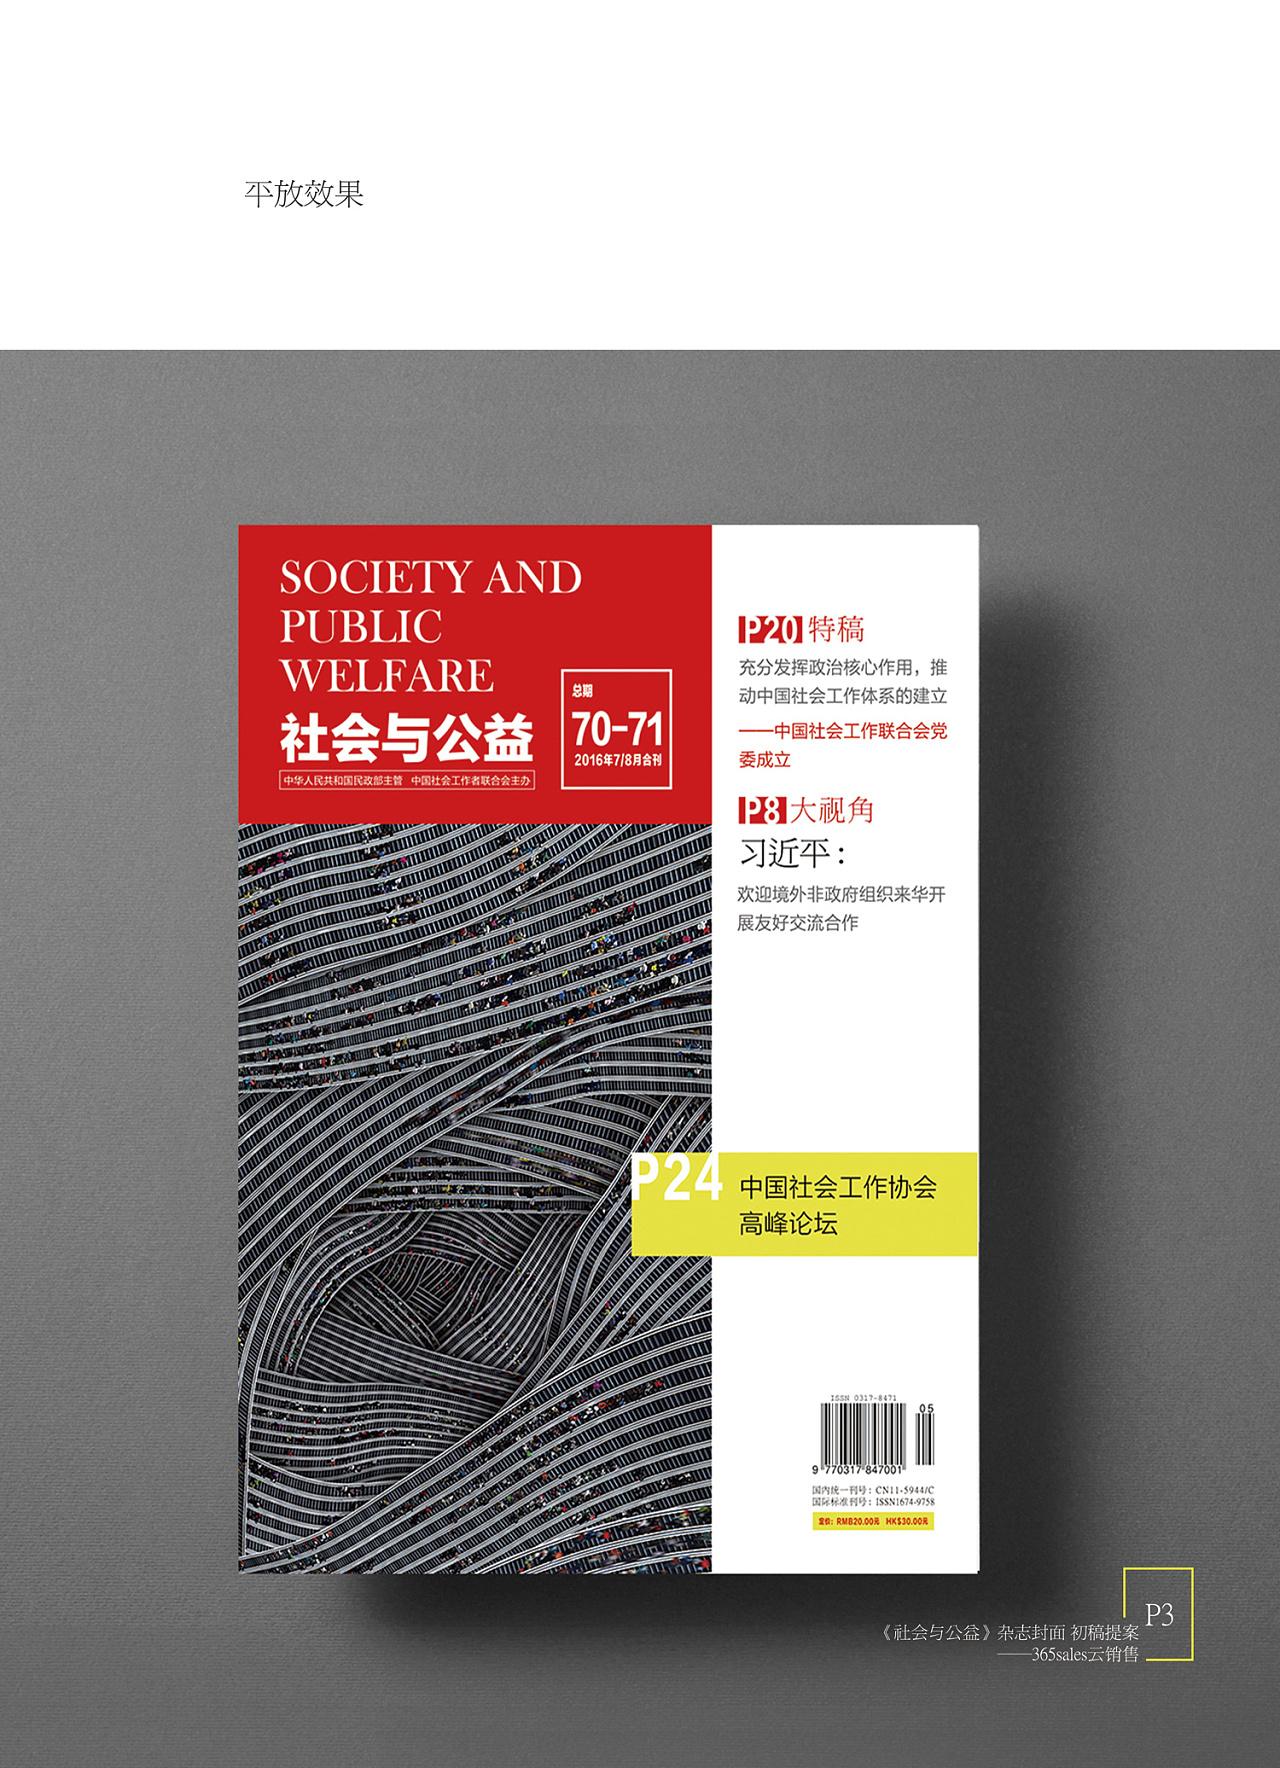 社会 杂志_《社会与公益》杂志第70-71期排版/封面设计|平面|书装/画册|凡人 ...